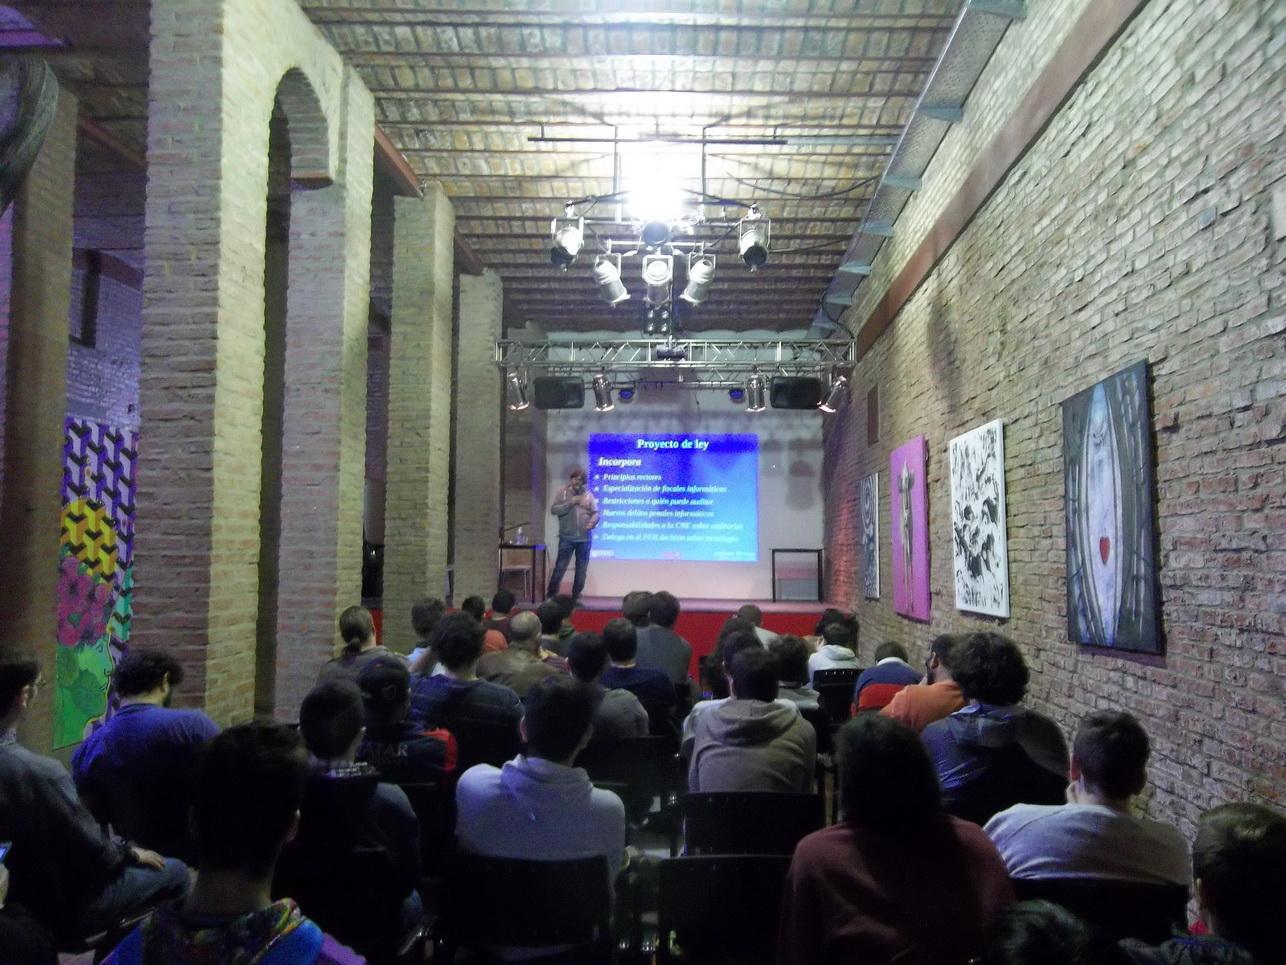 #FLISOL SANTA FE| EL EXITO DEL SOFTWARE LIBRE